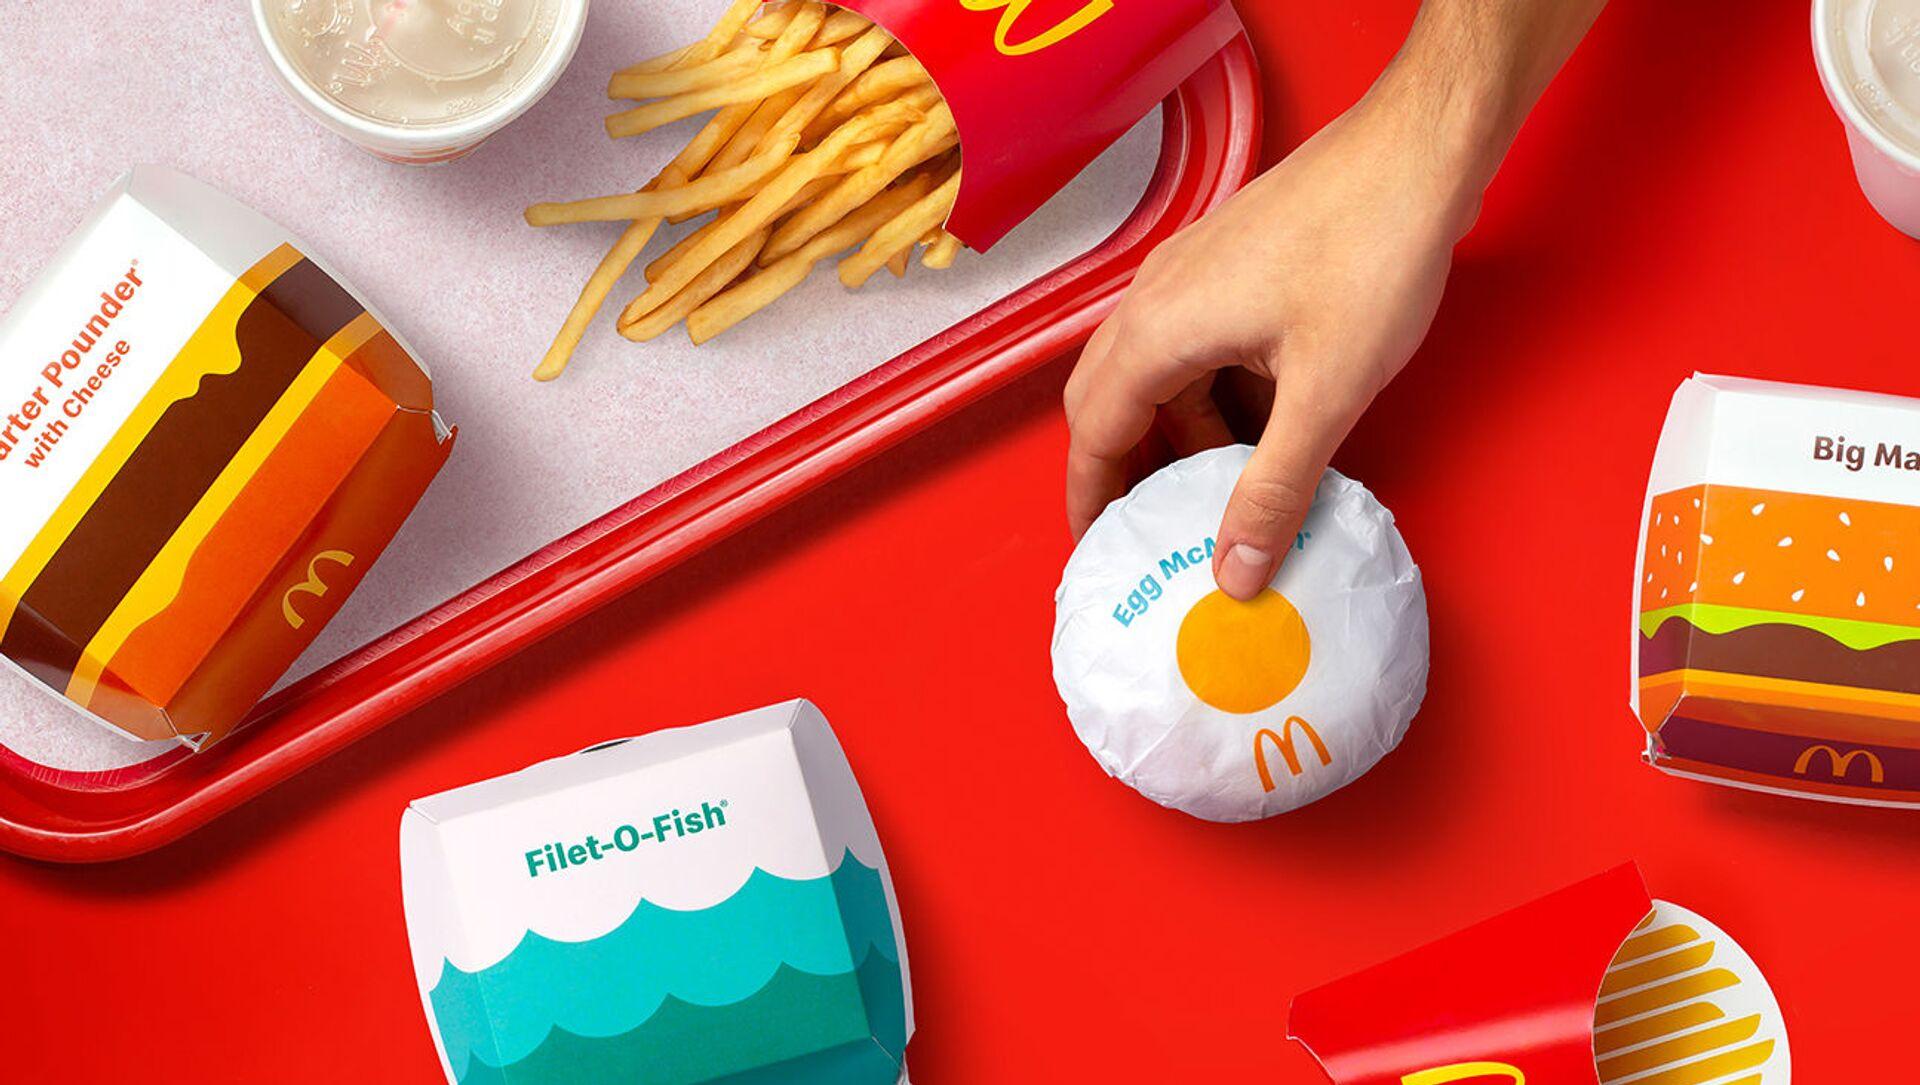 McDonald's впервые за 5 лет представил новый дизайн упаковок - Sputnik Азербайджан, 1920, 23.02.2021